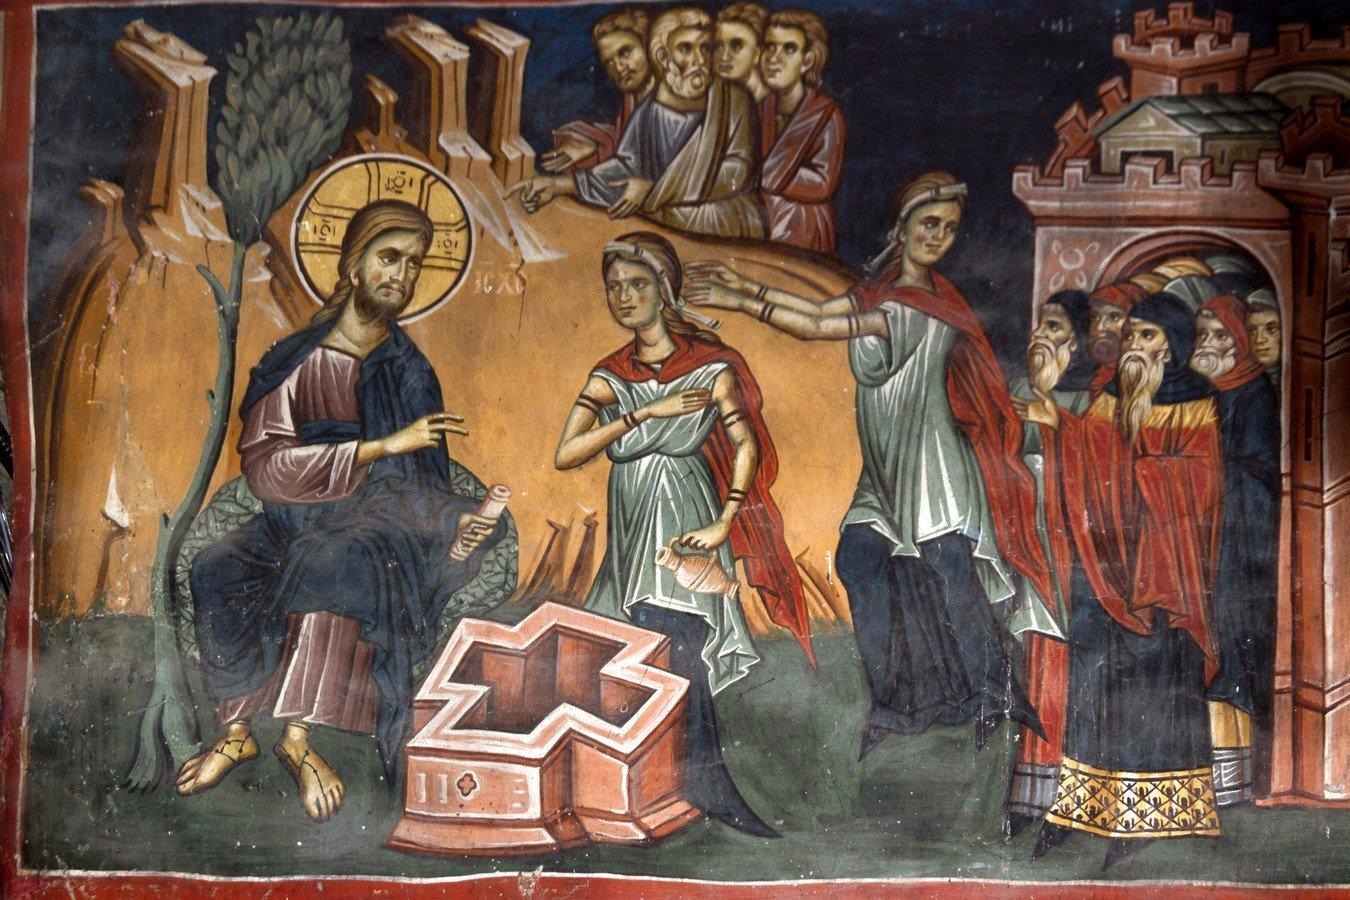 Беседа Христа с самарянкой. Фреска Лесновского монастыря (Македония). XIV век.